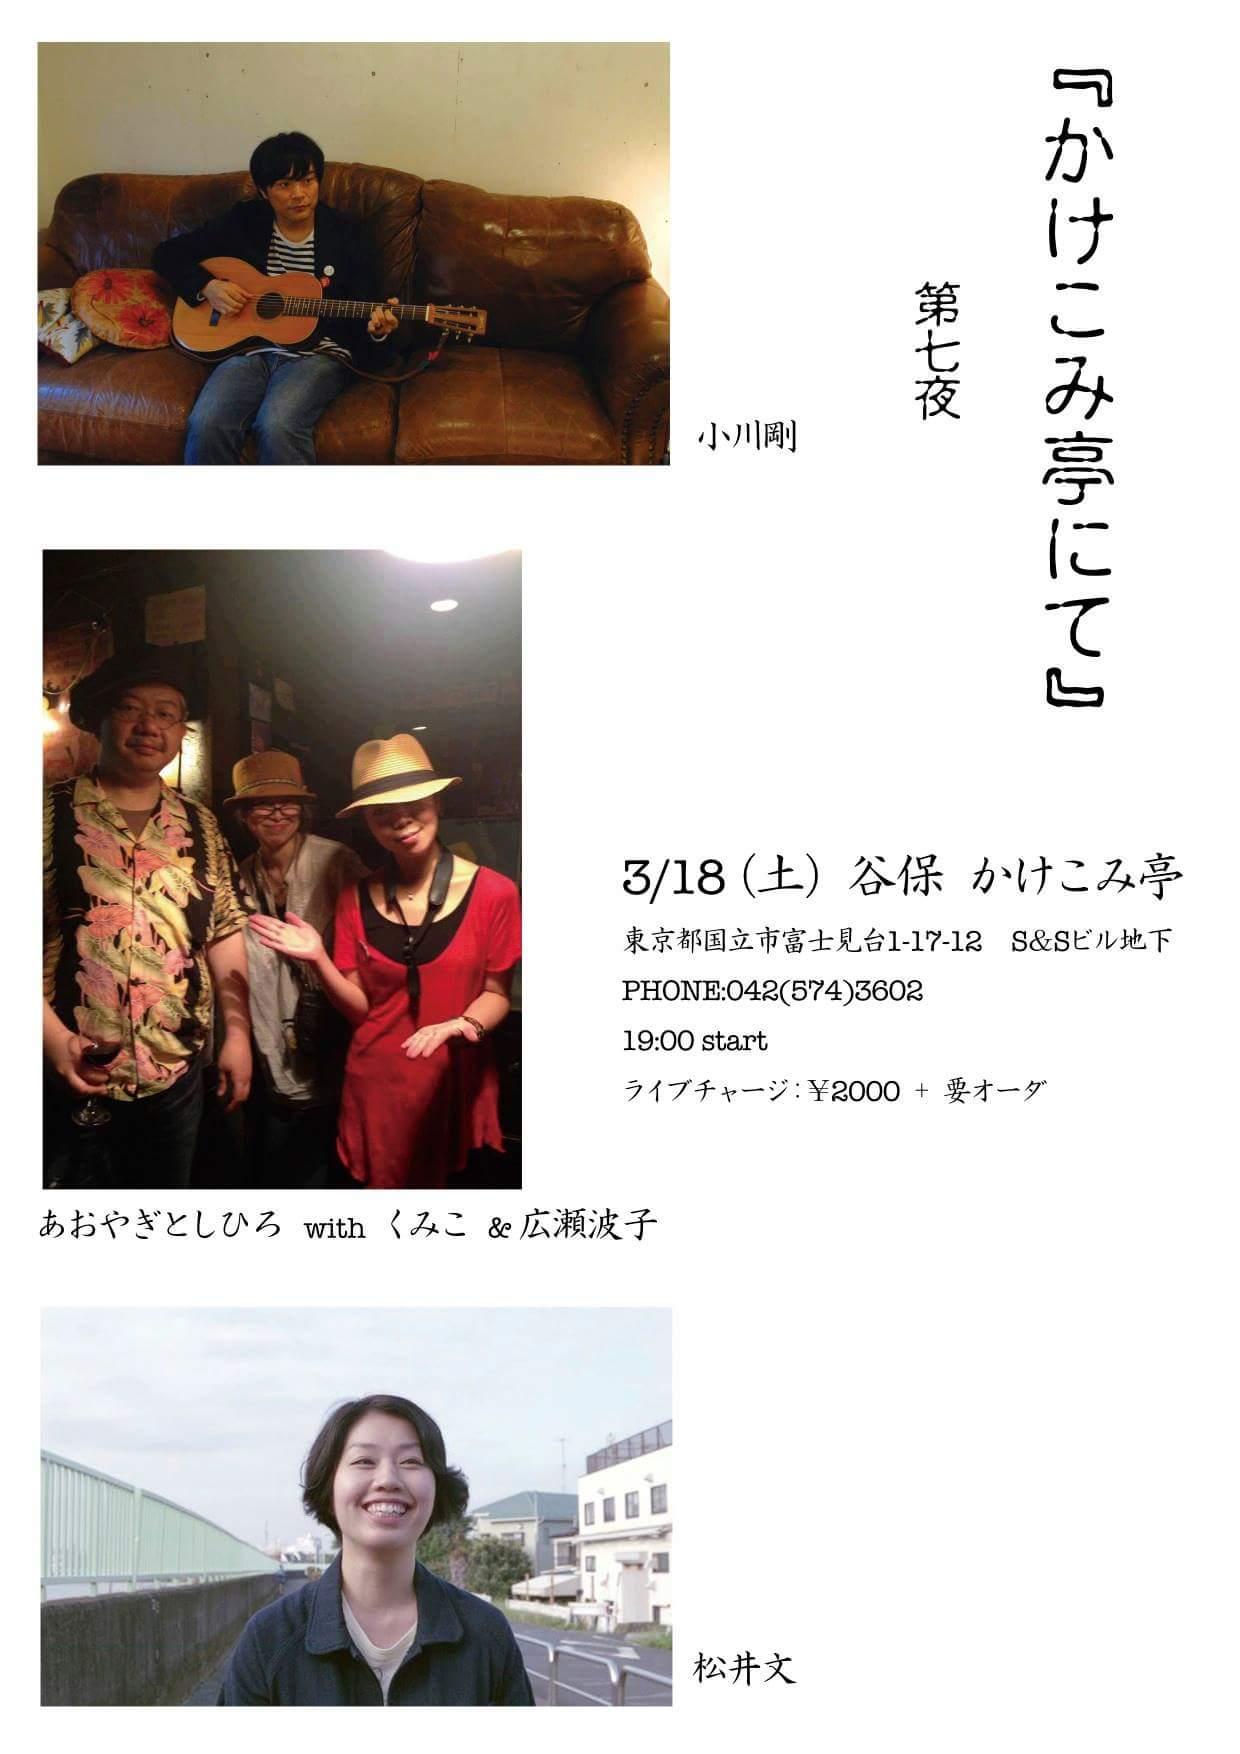 3/18(土)国立谷保 かけこみ亭★あおやぎとしひろwith kumiko&広瀬波子